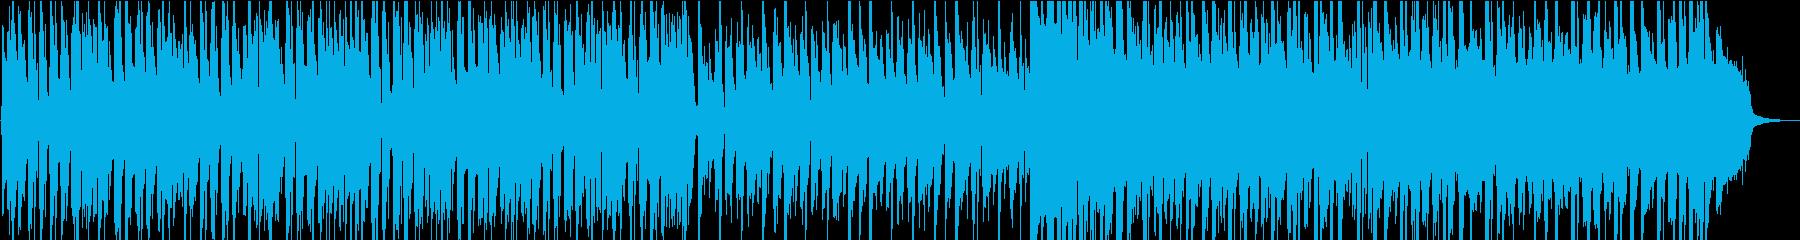 動画チャンネル登録ジングルドラムンベースの再生済みの波形